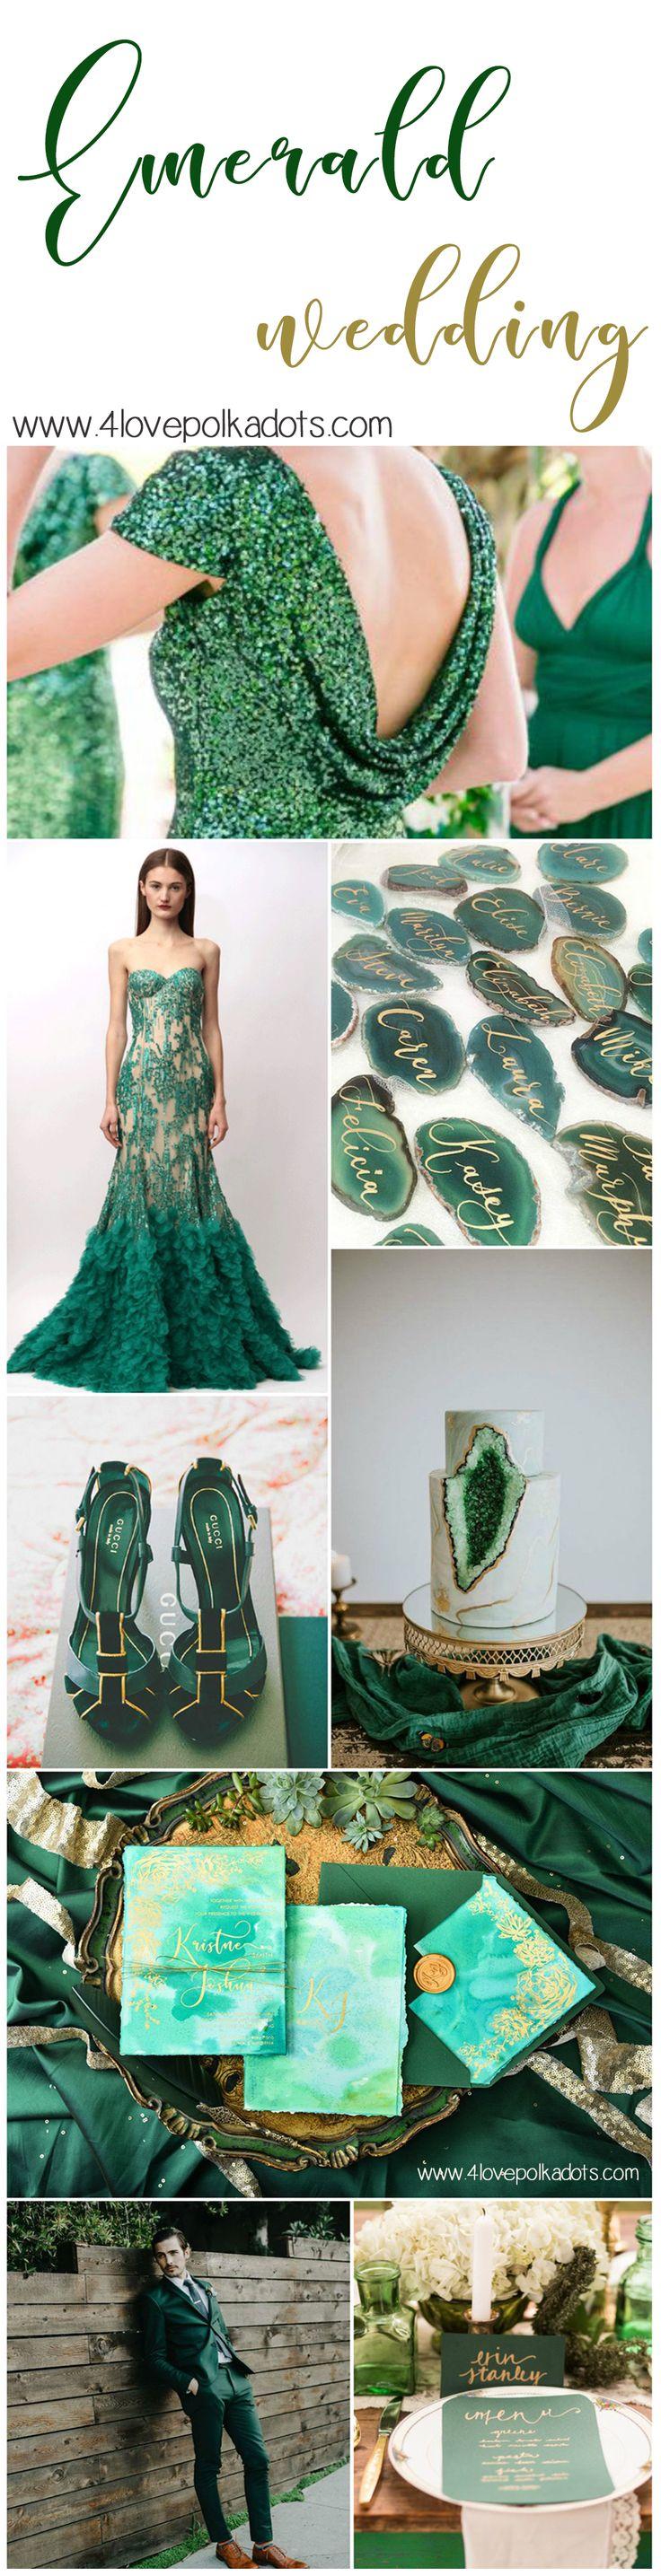 Emerald #wedding #emerald #emeraldwedding #bridetobe #wedding #greenwedding #amazing #bridetobe #bride #weddingdress #greenwedding #greenery